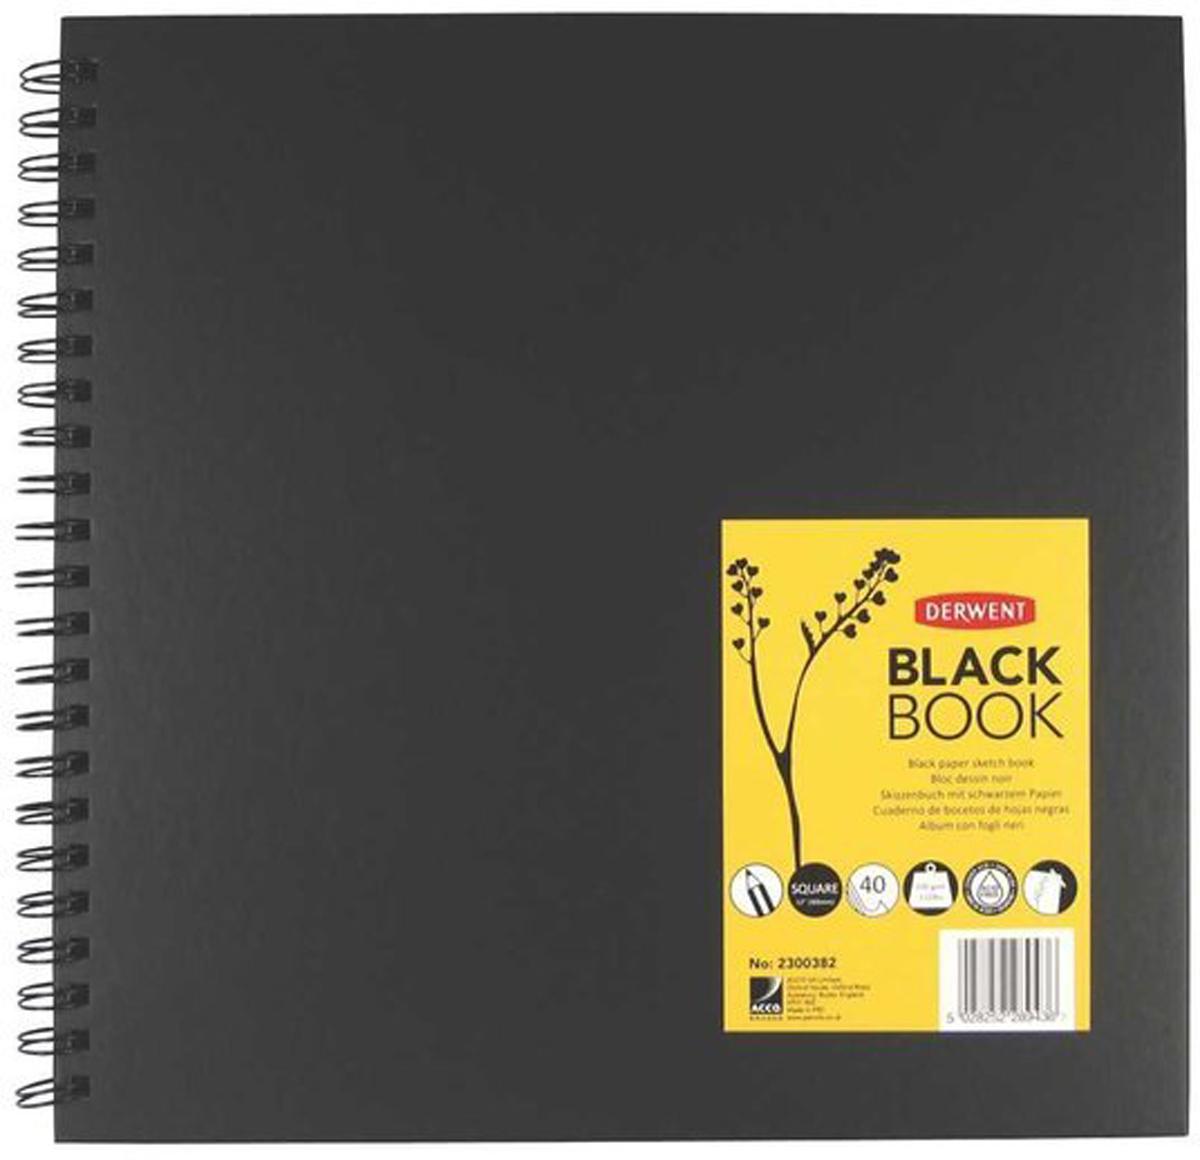 Derwent Альбом для зарисовок Black Book 40 листов формат 30 x 30 см black note альбом для рисования на черной бумаге